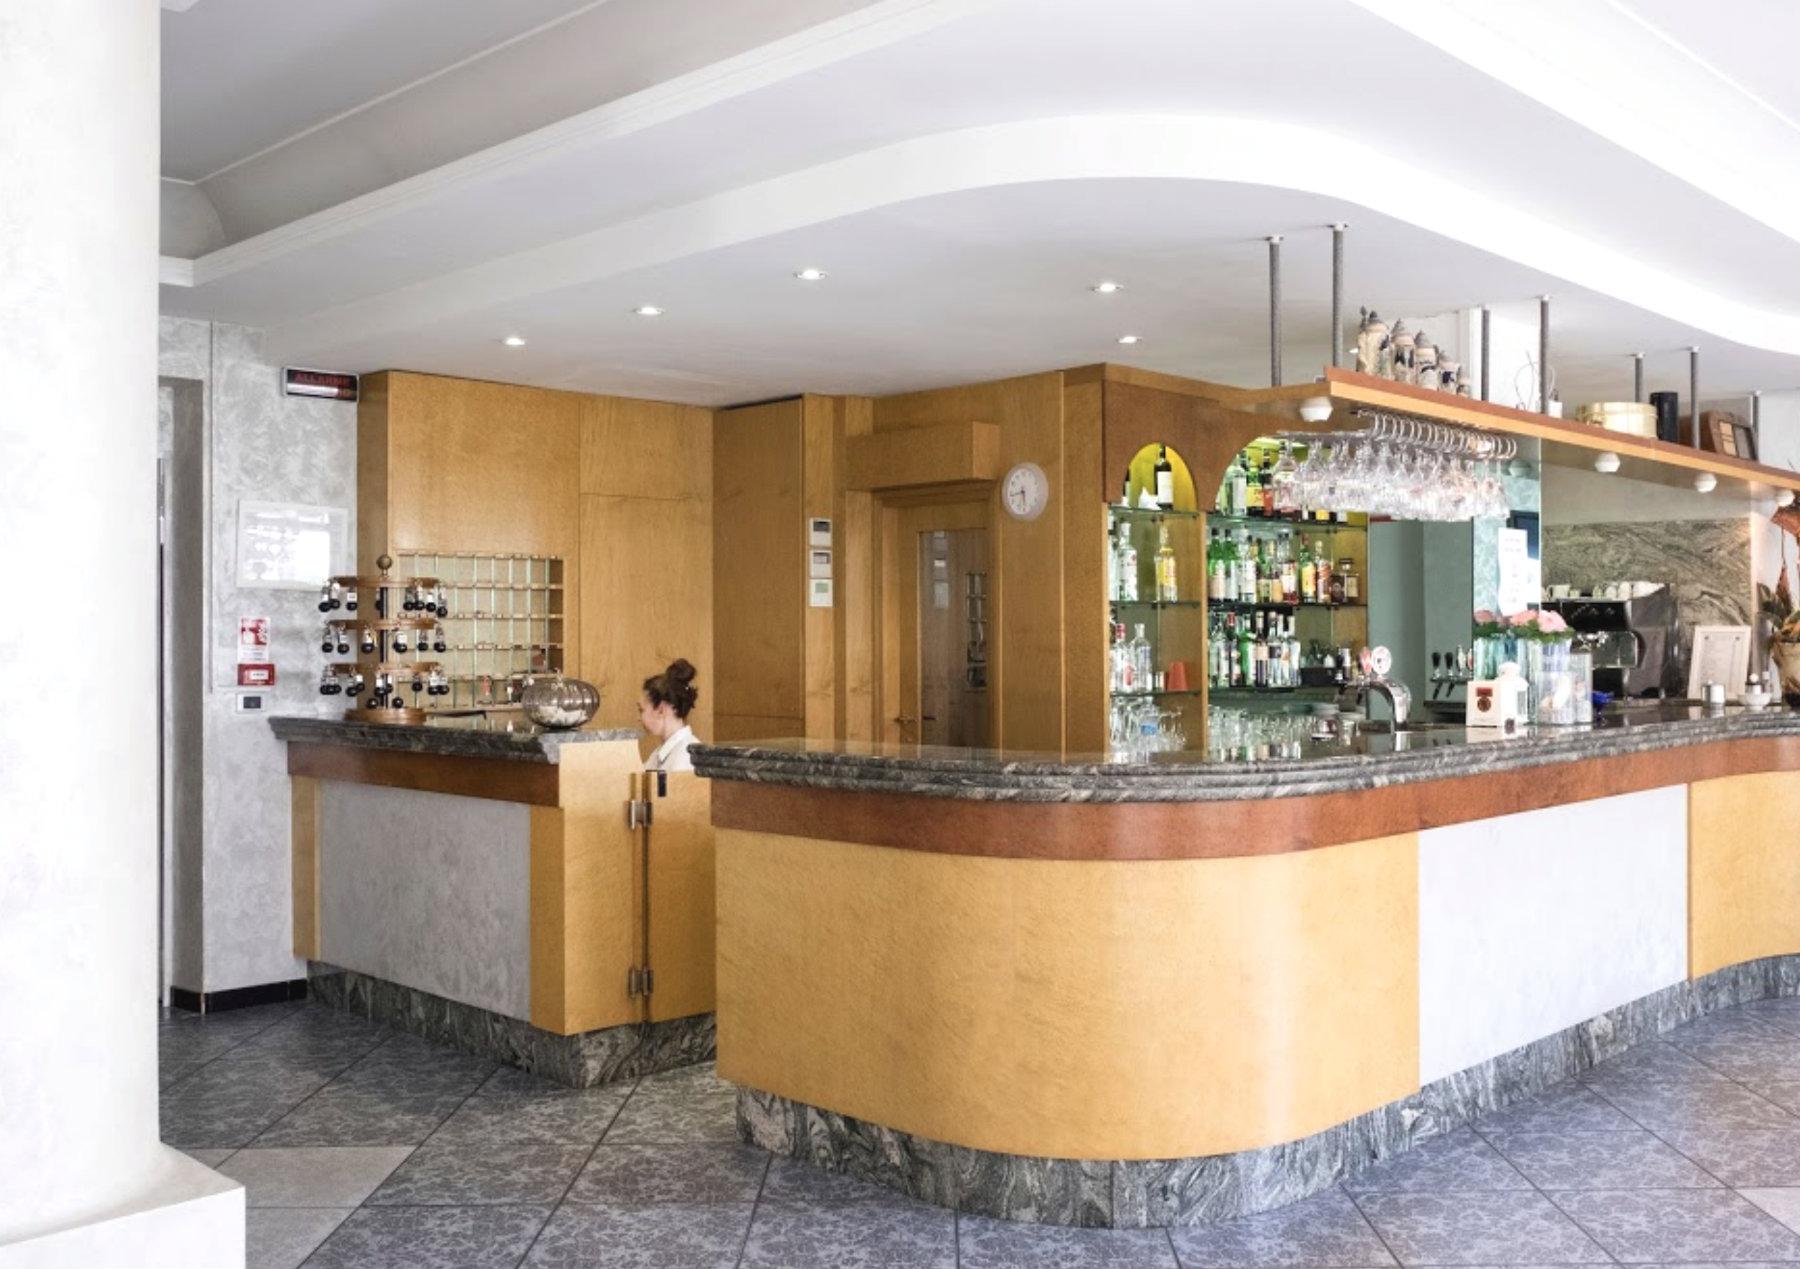 Hotel Dasamo Rimini Emilia Romagna Dlt Travel